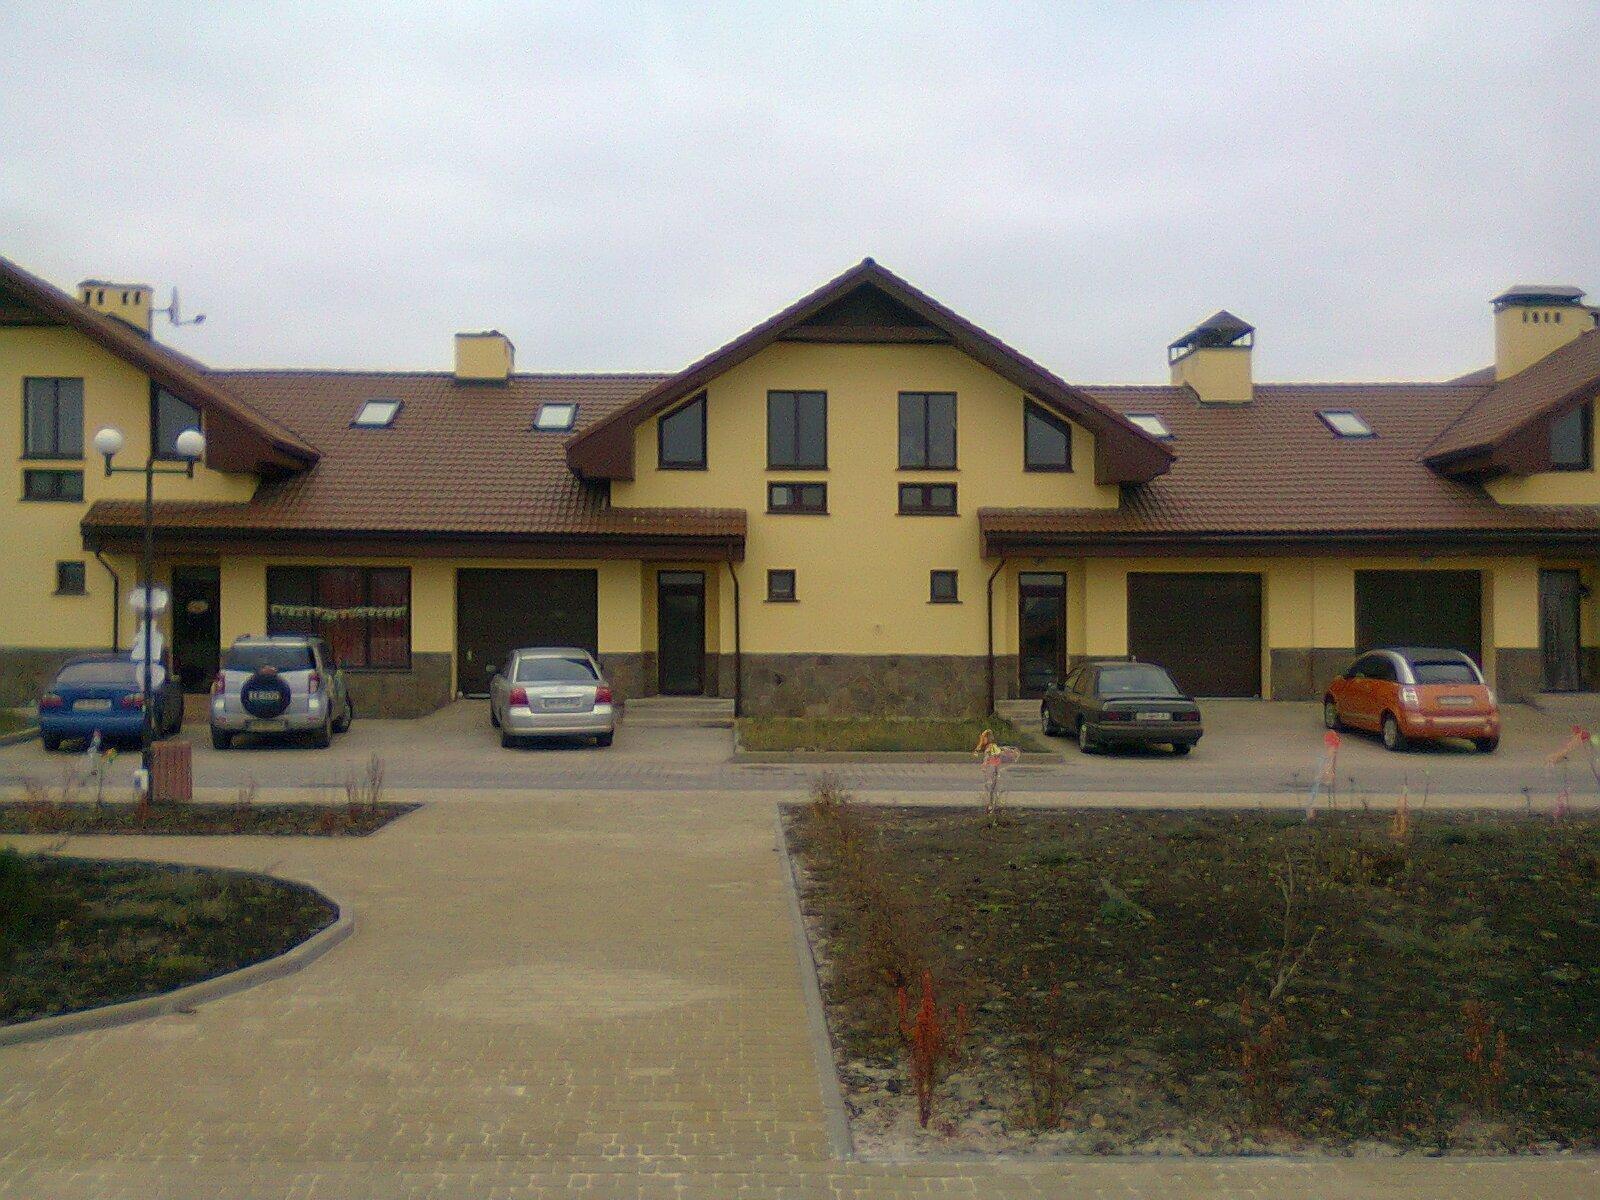 Продам таунхаус в городе Севериновка. Объявление № 3590